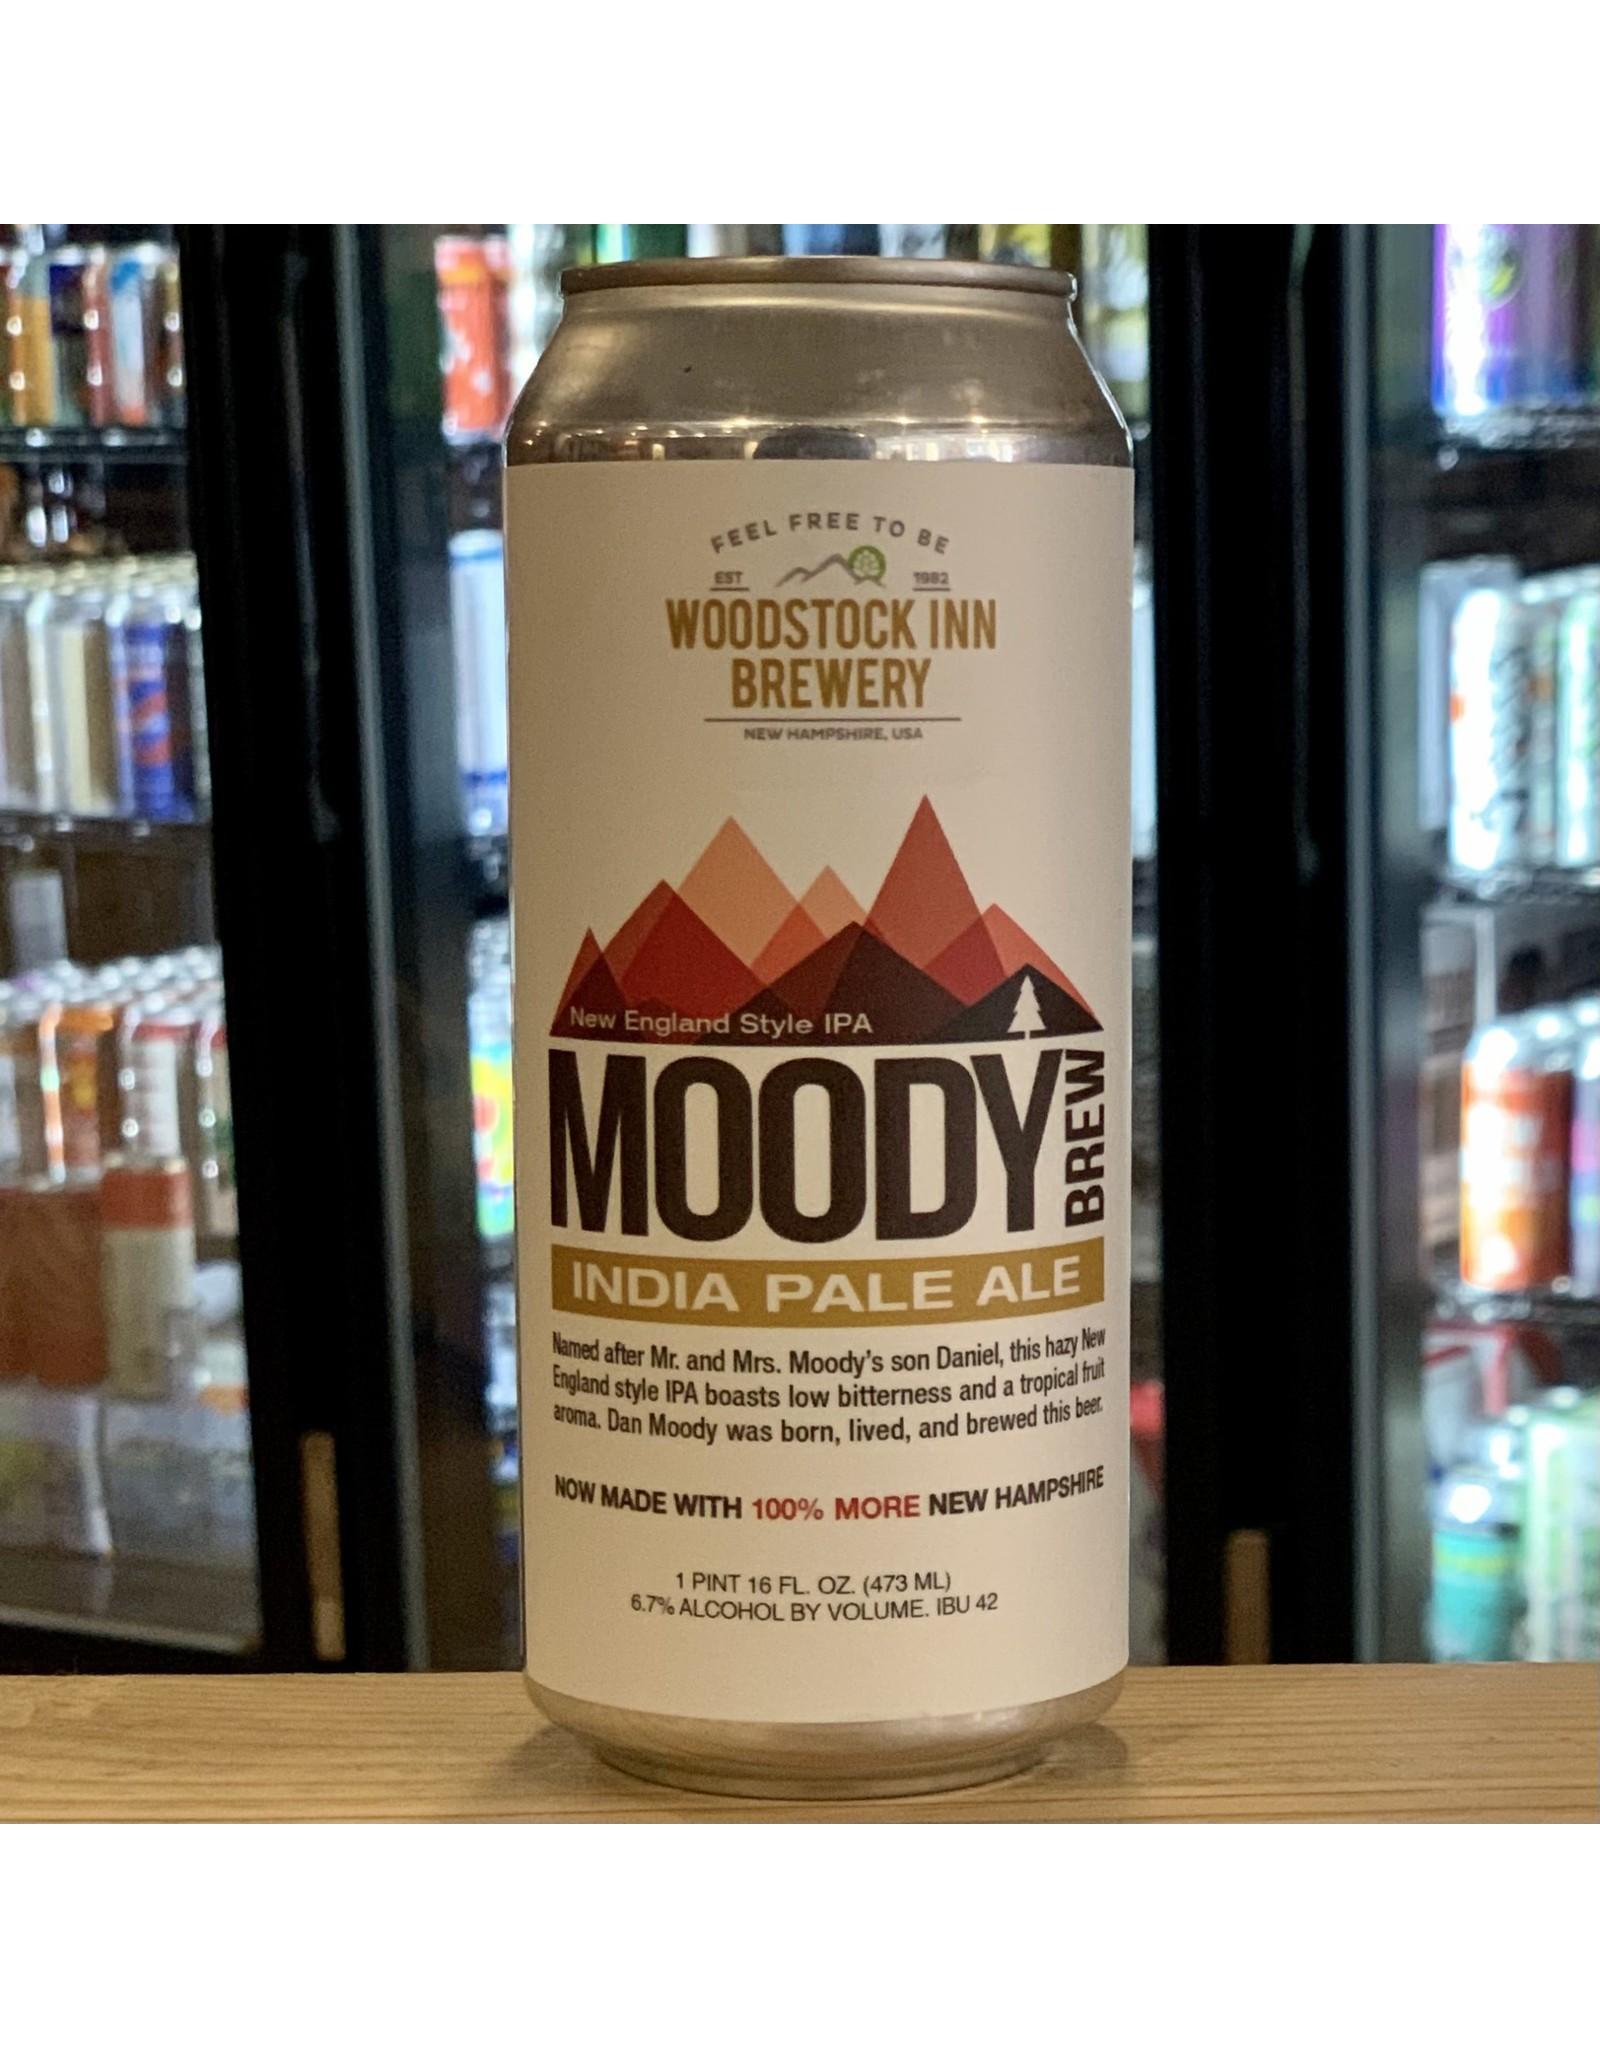 """IPA Woodstock Inn Brewery """"Moody's"""" IPA - Woodstock, NH"""